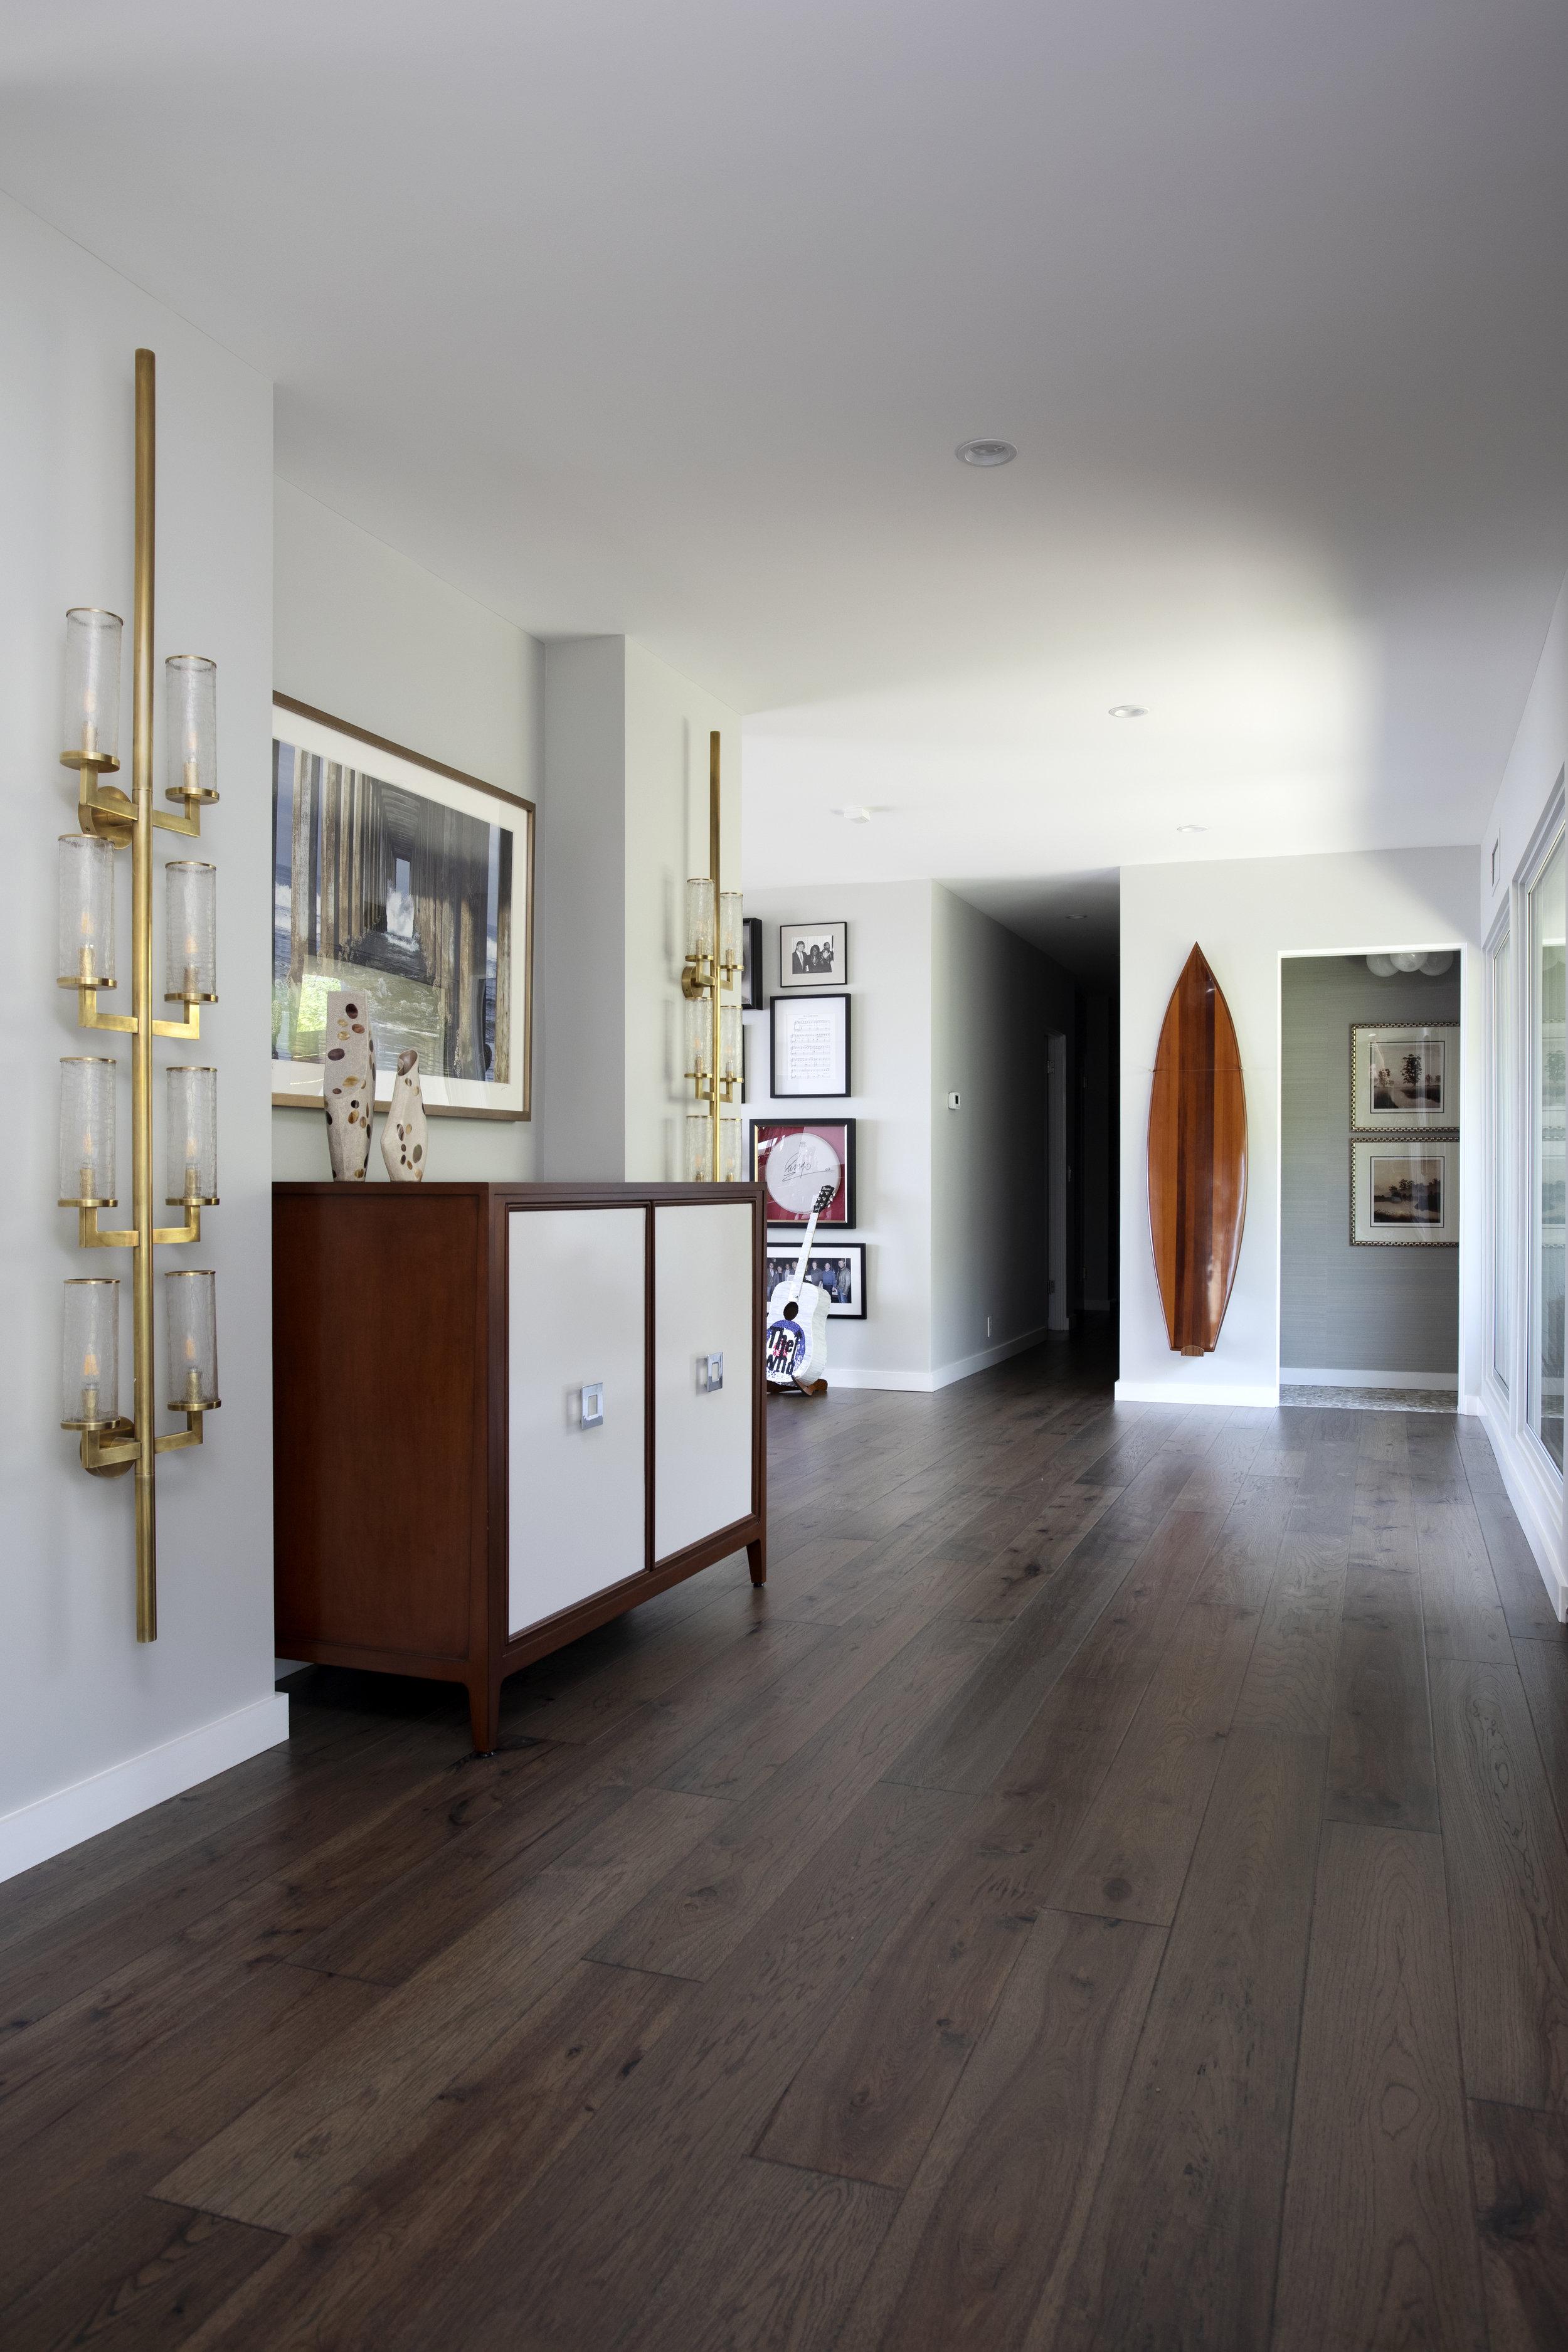 interior entry.jpg